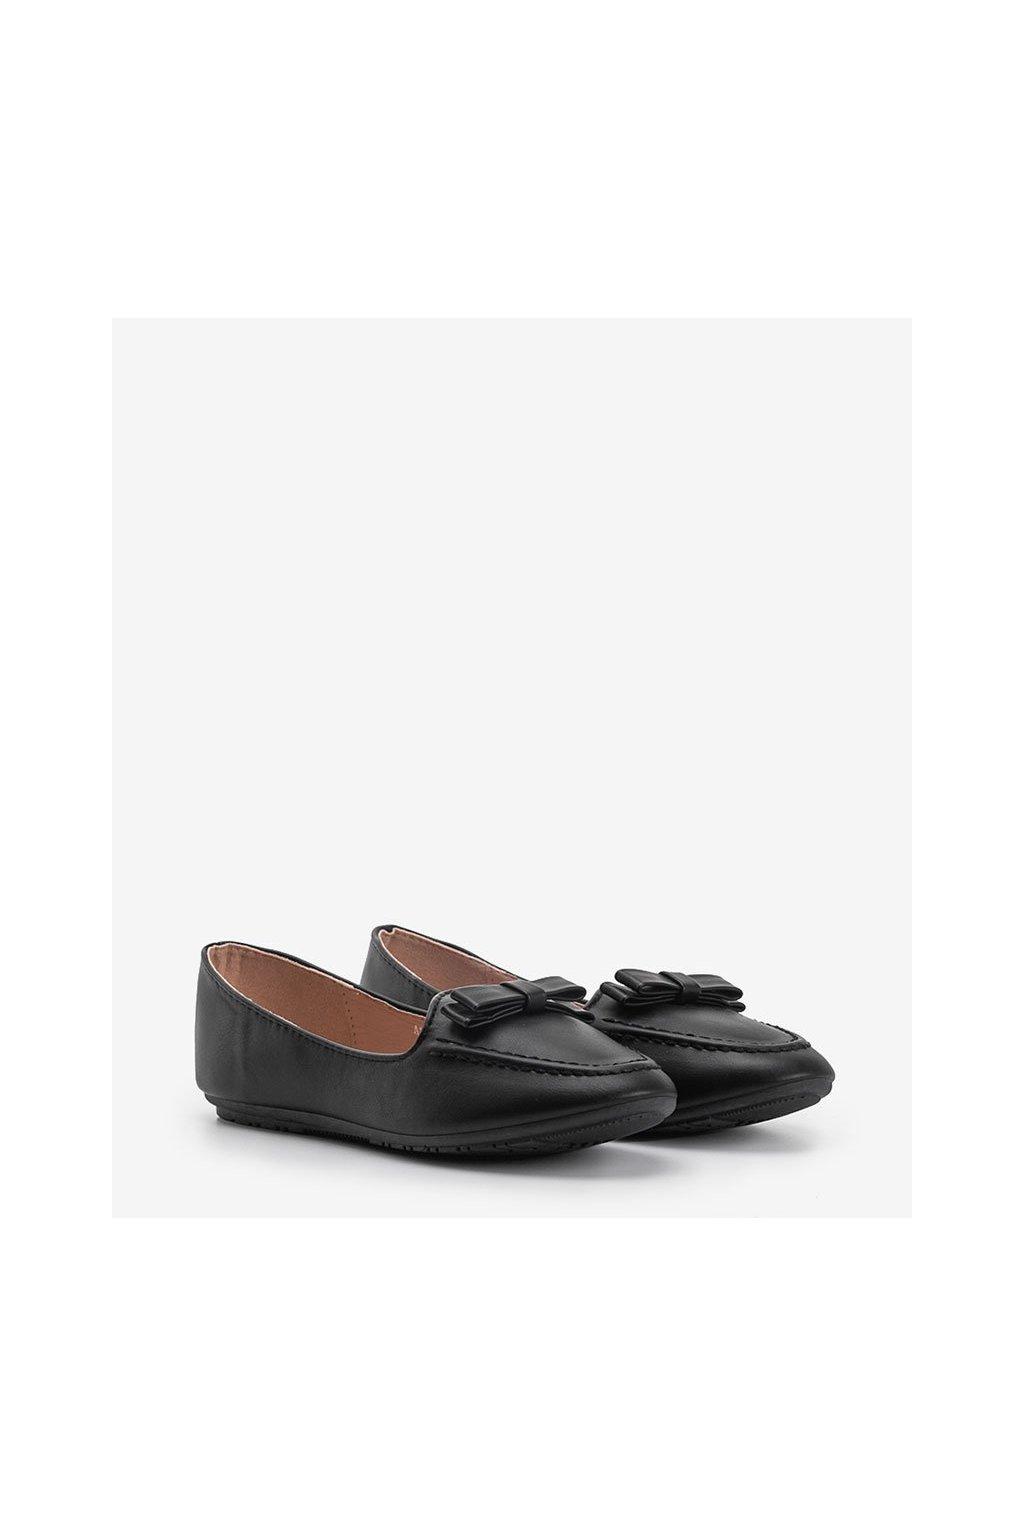 Dámske topánky mokasíny čierne kód A8637 - GM